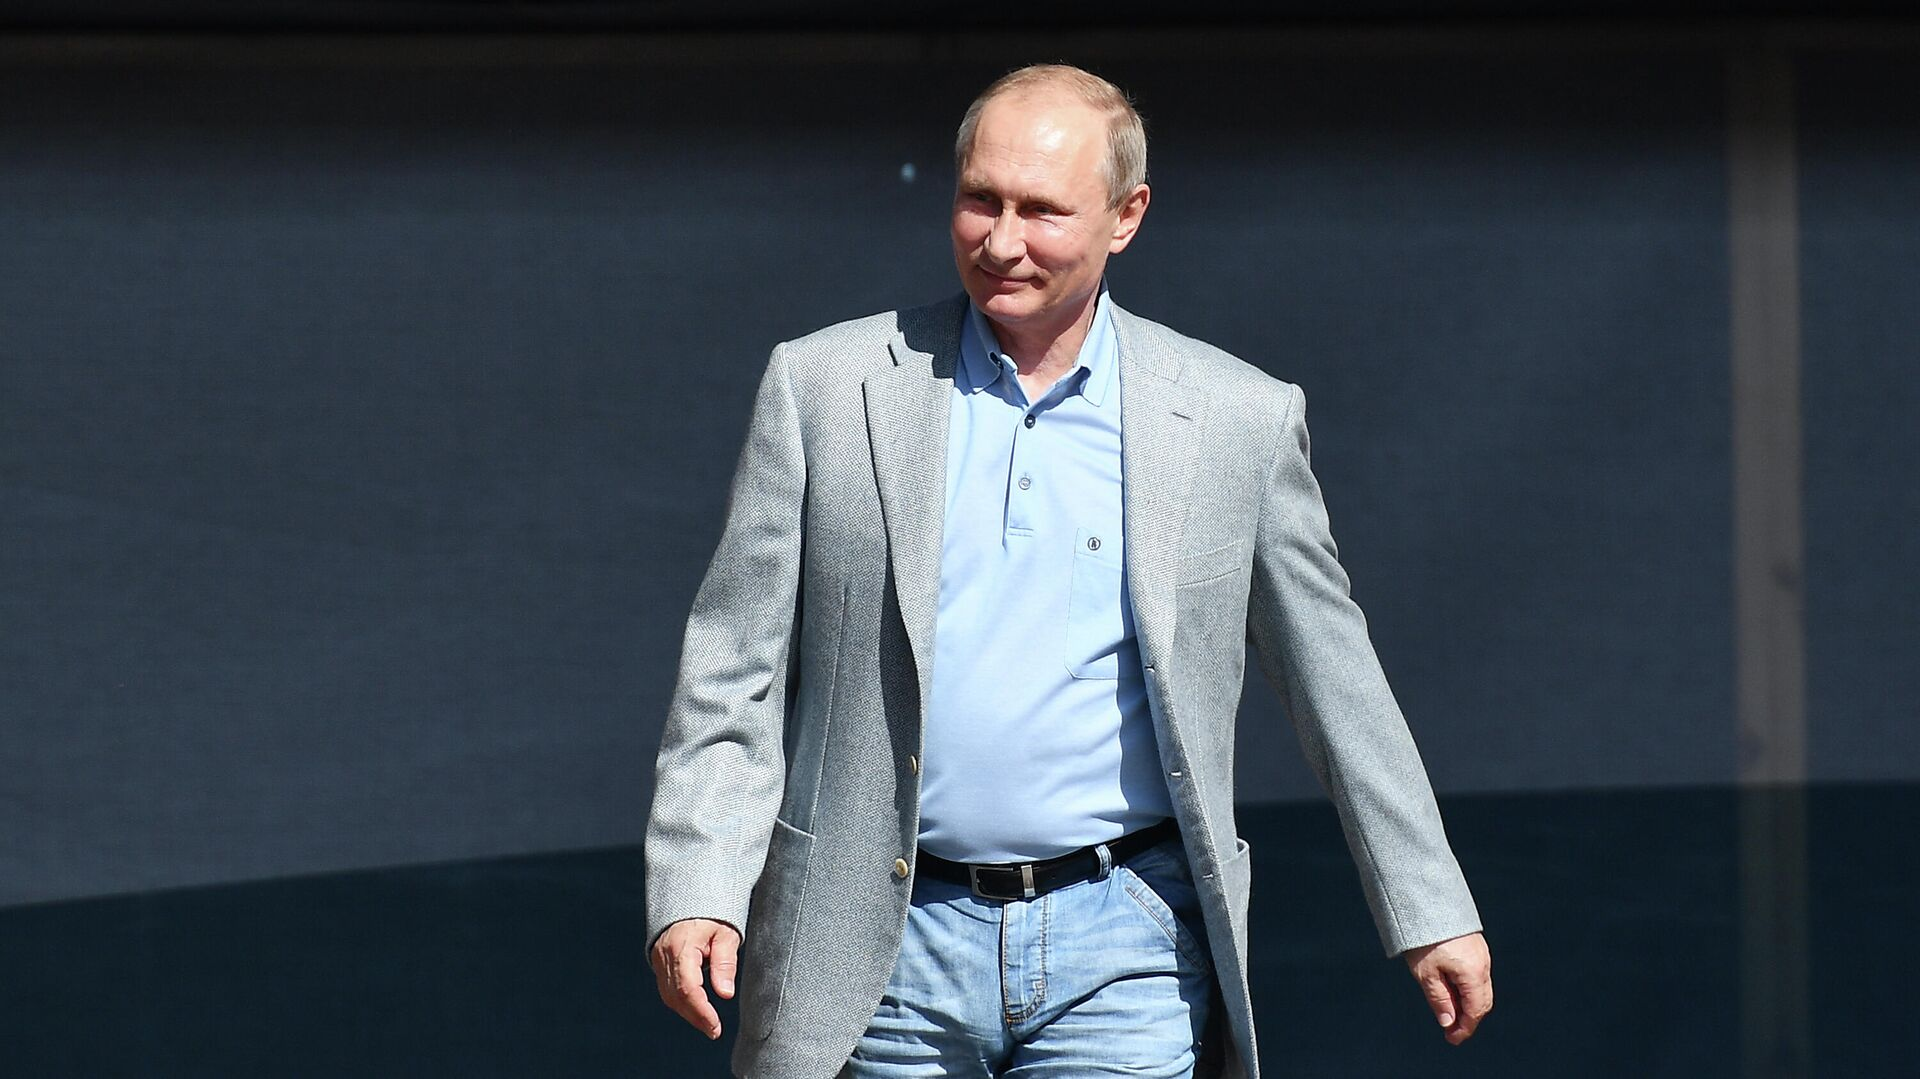 Президент РФ В. Путин посетил международный детский центр Артек - Sputnik Тоҷикистон, 1920, 07.10.2021